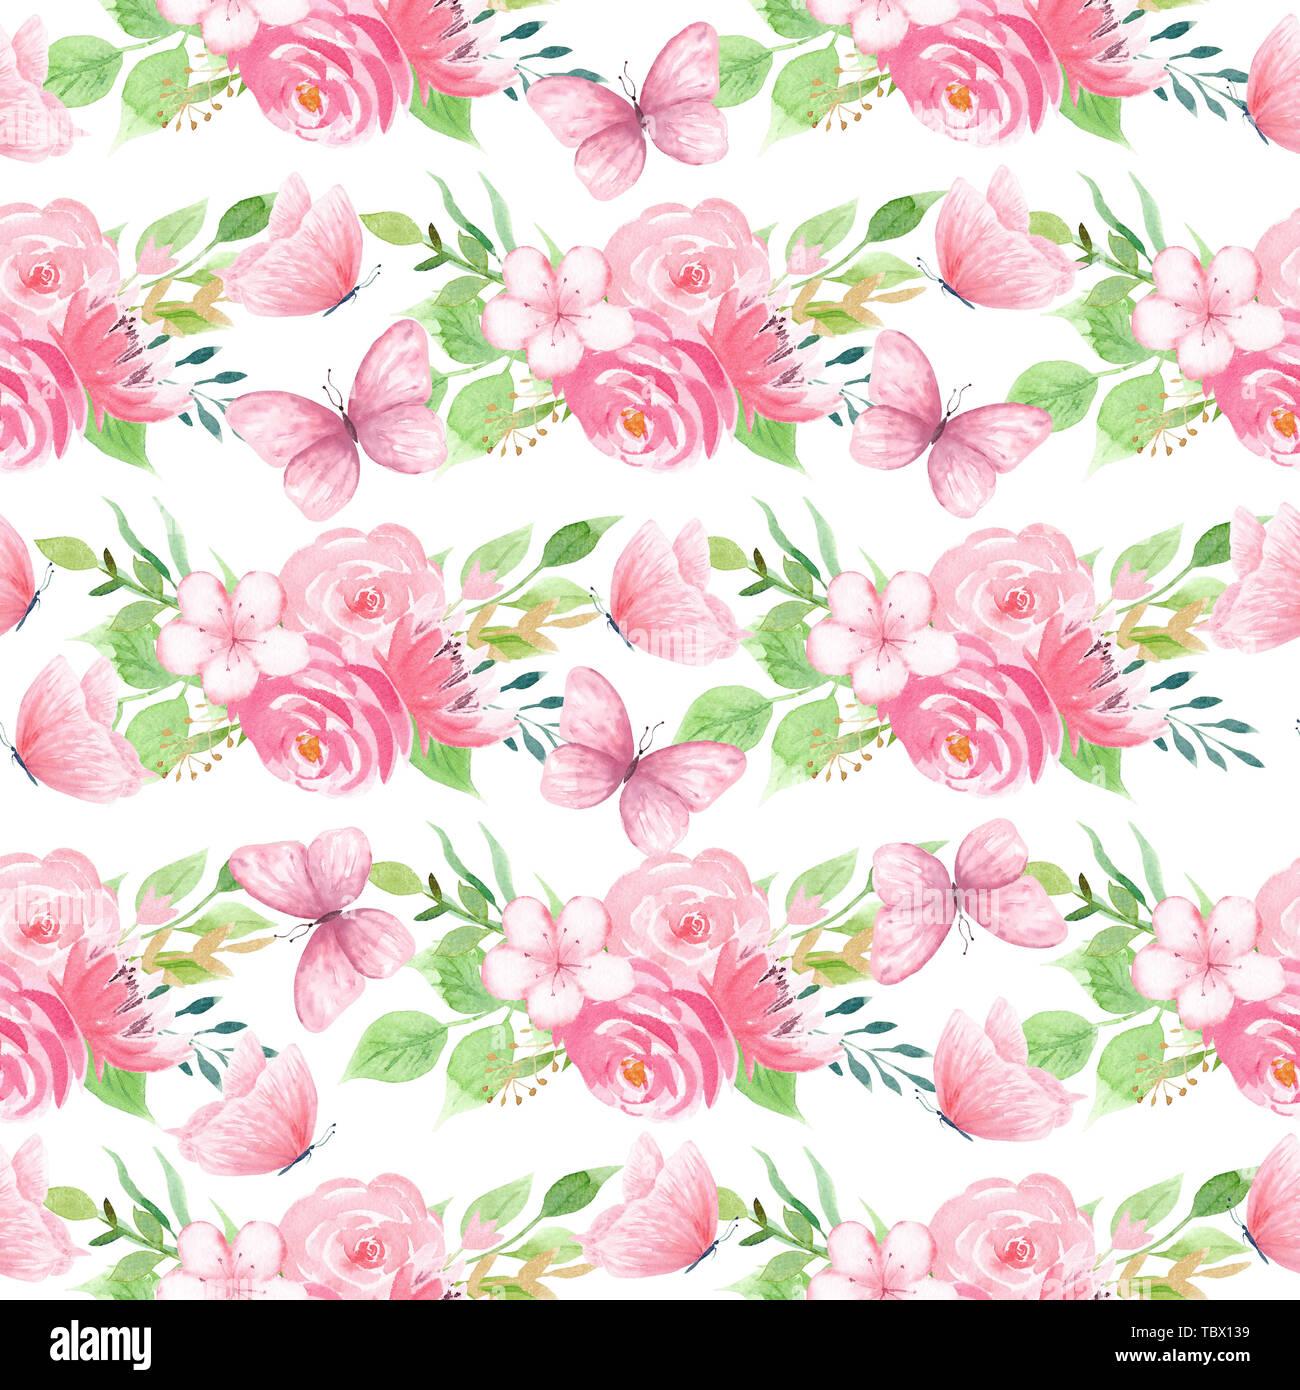 Avec des fleurs insectes volants seamless pattern Photo Stock